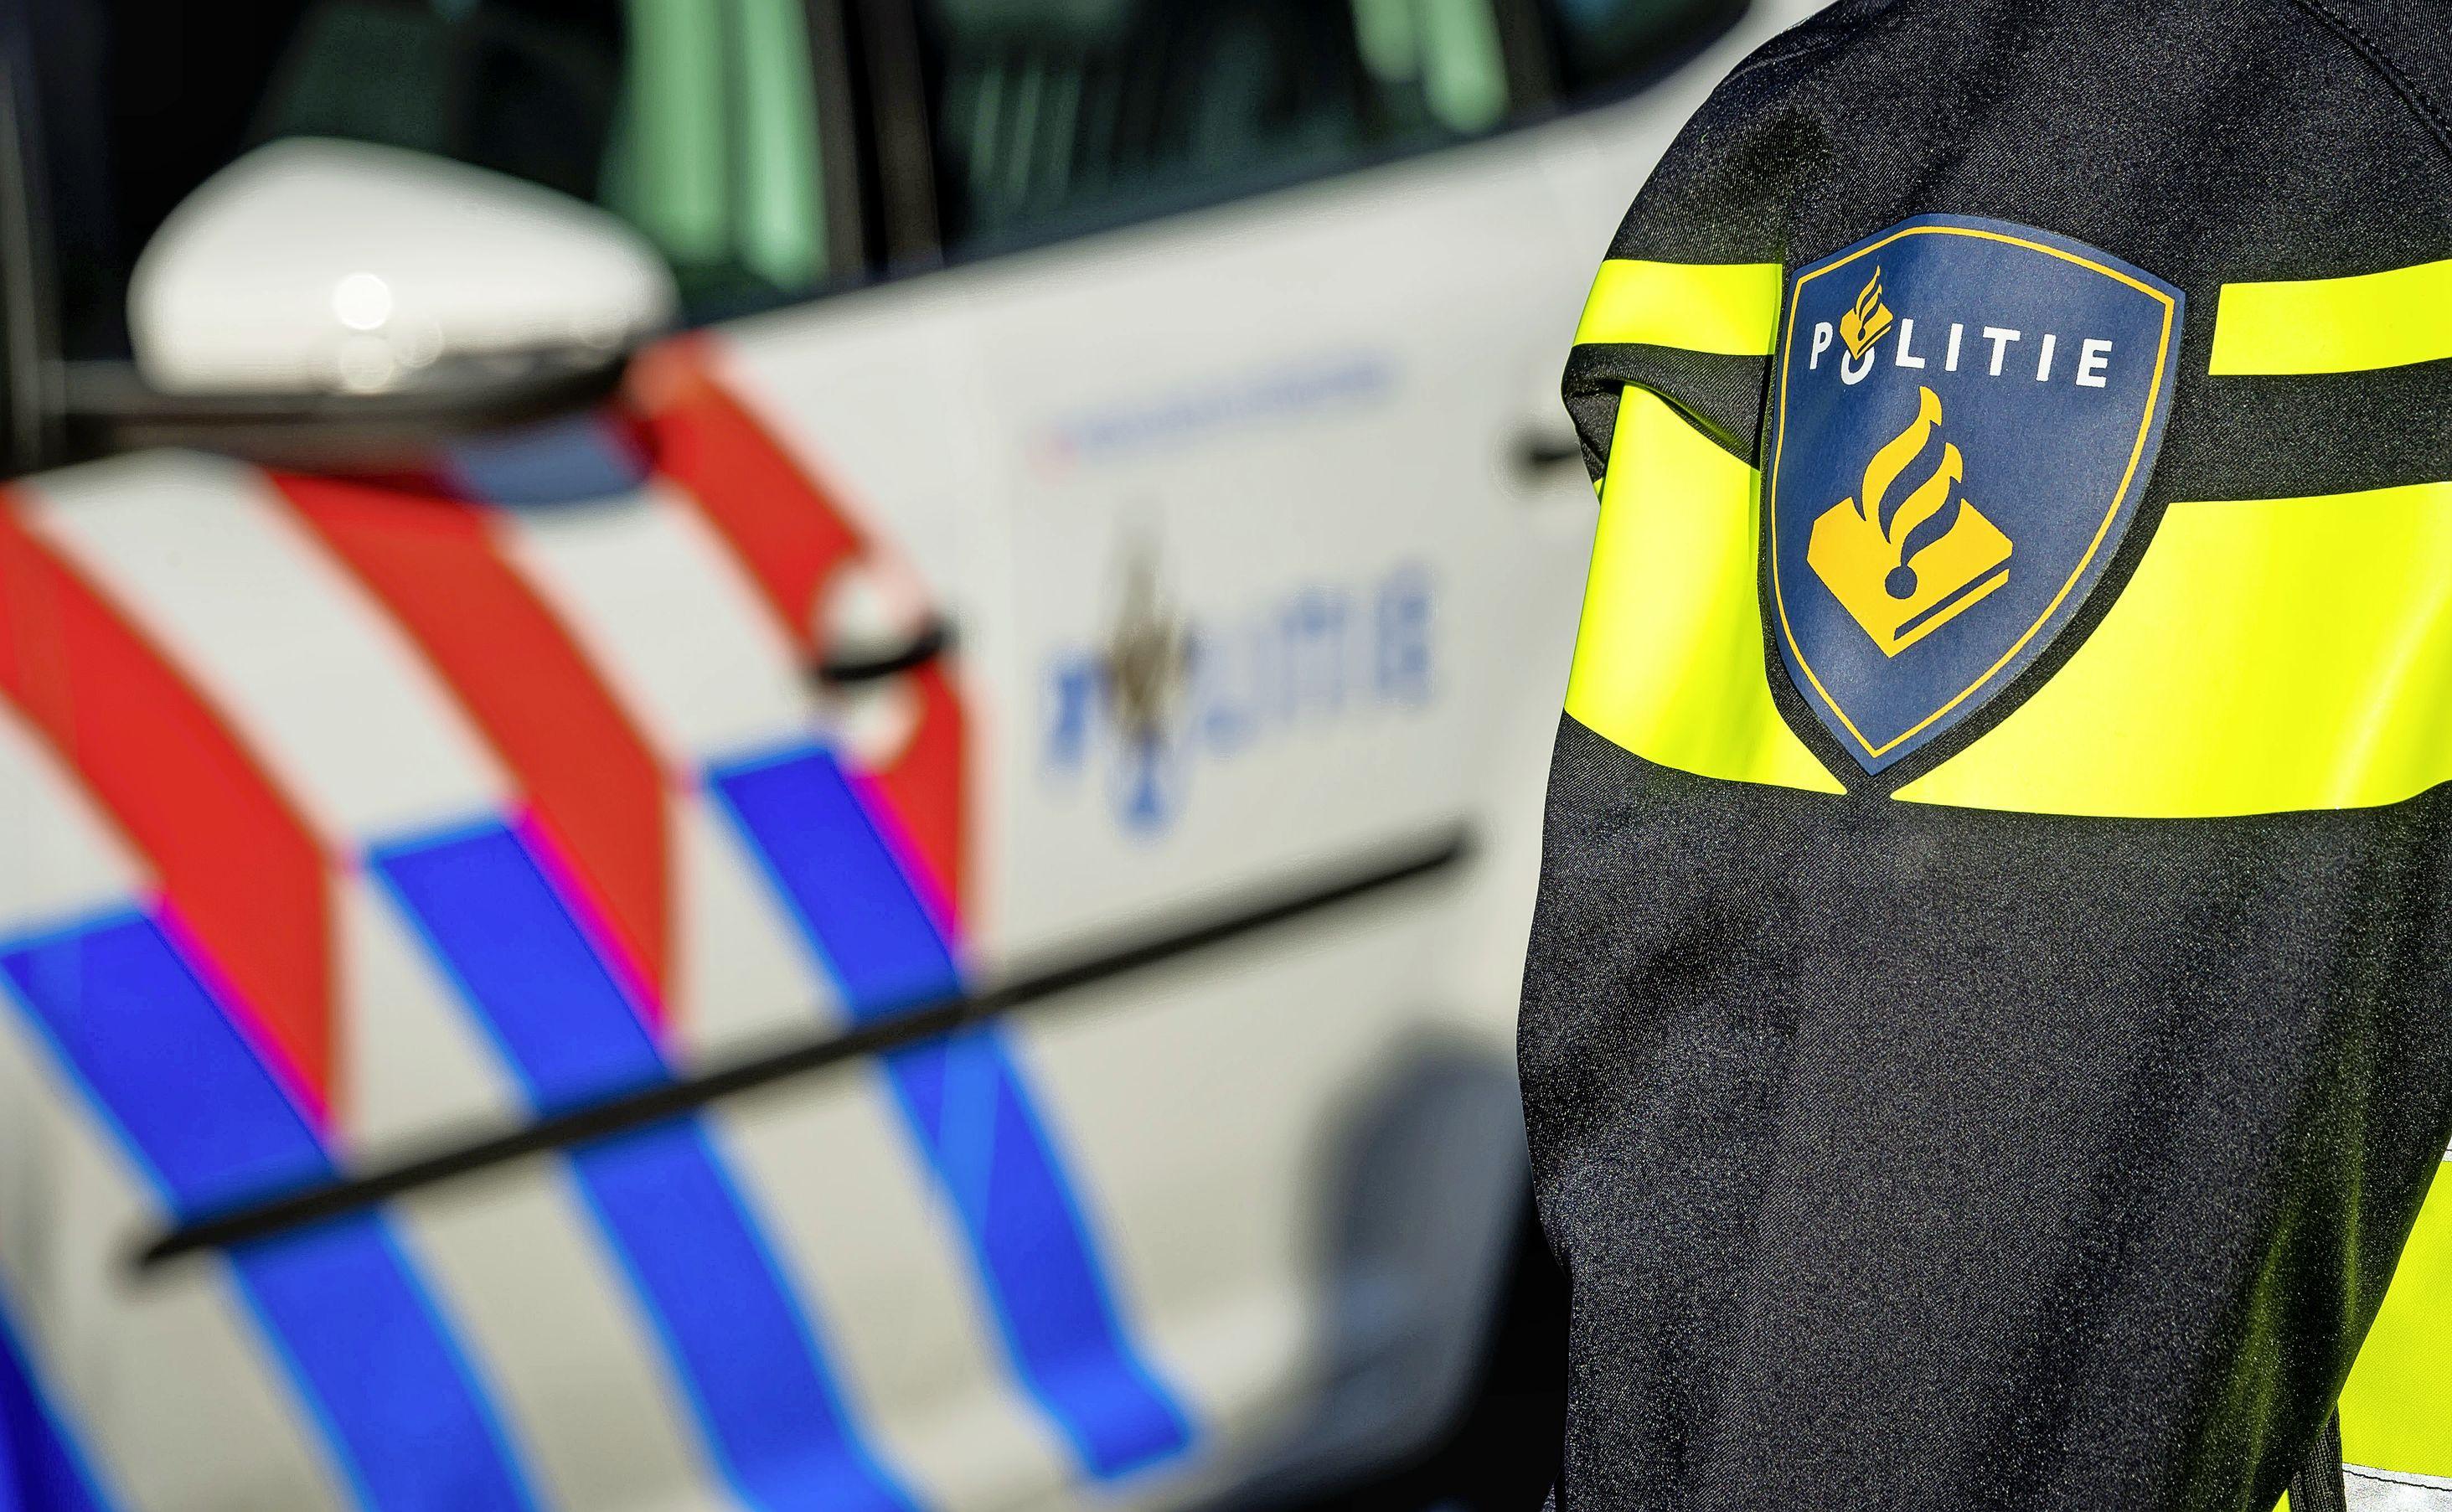 Met 216 kilometer per uur over de A27, politie Hilversum neemt rijbewijzen in beslag